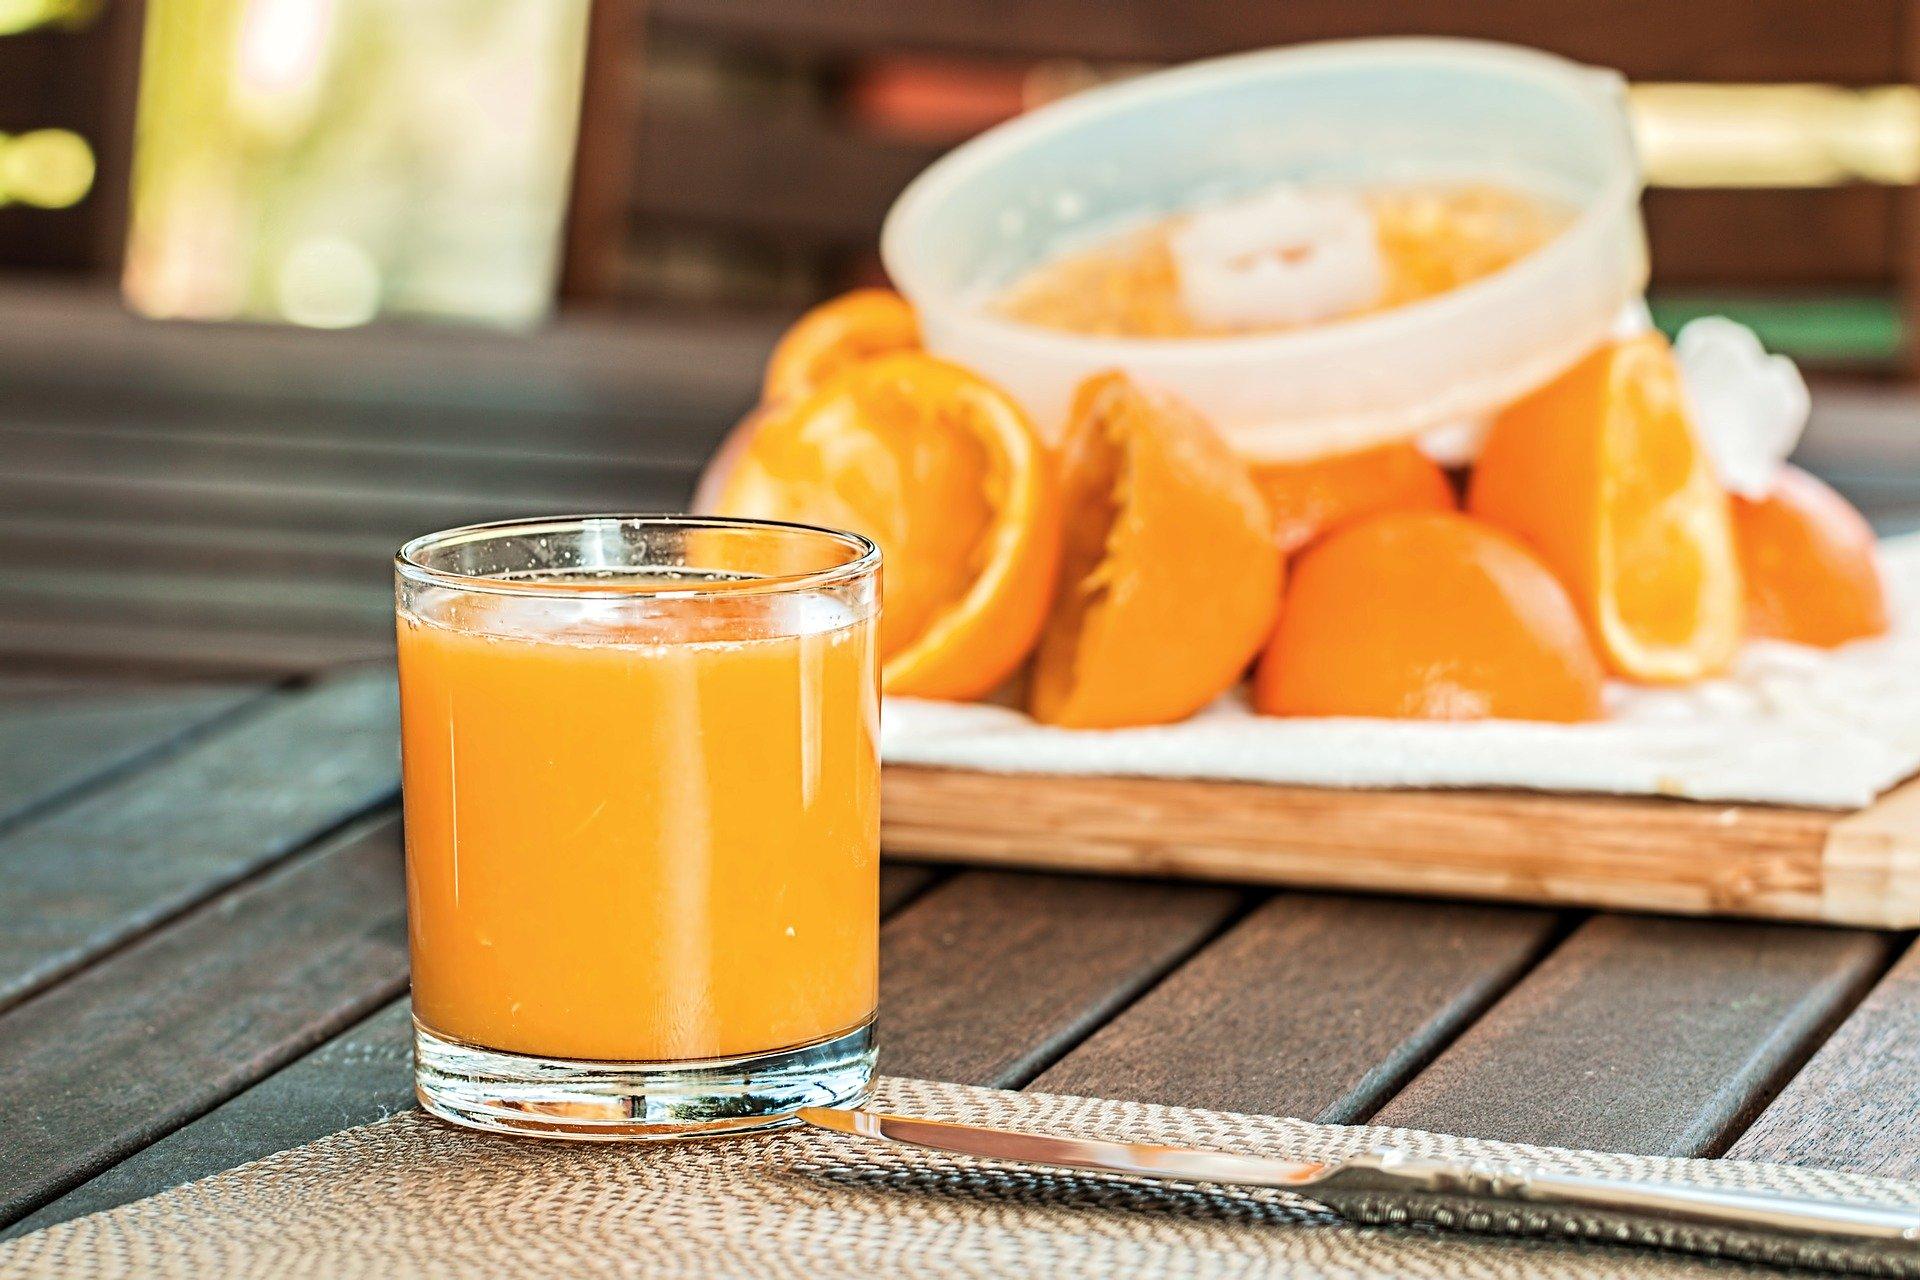 fresh-orange-juice-1614822_1920